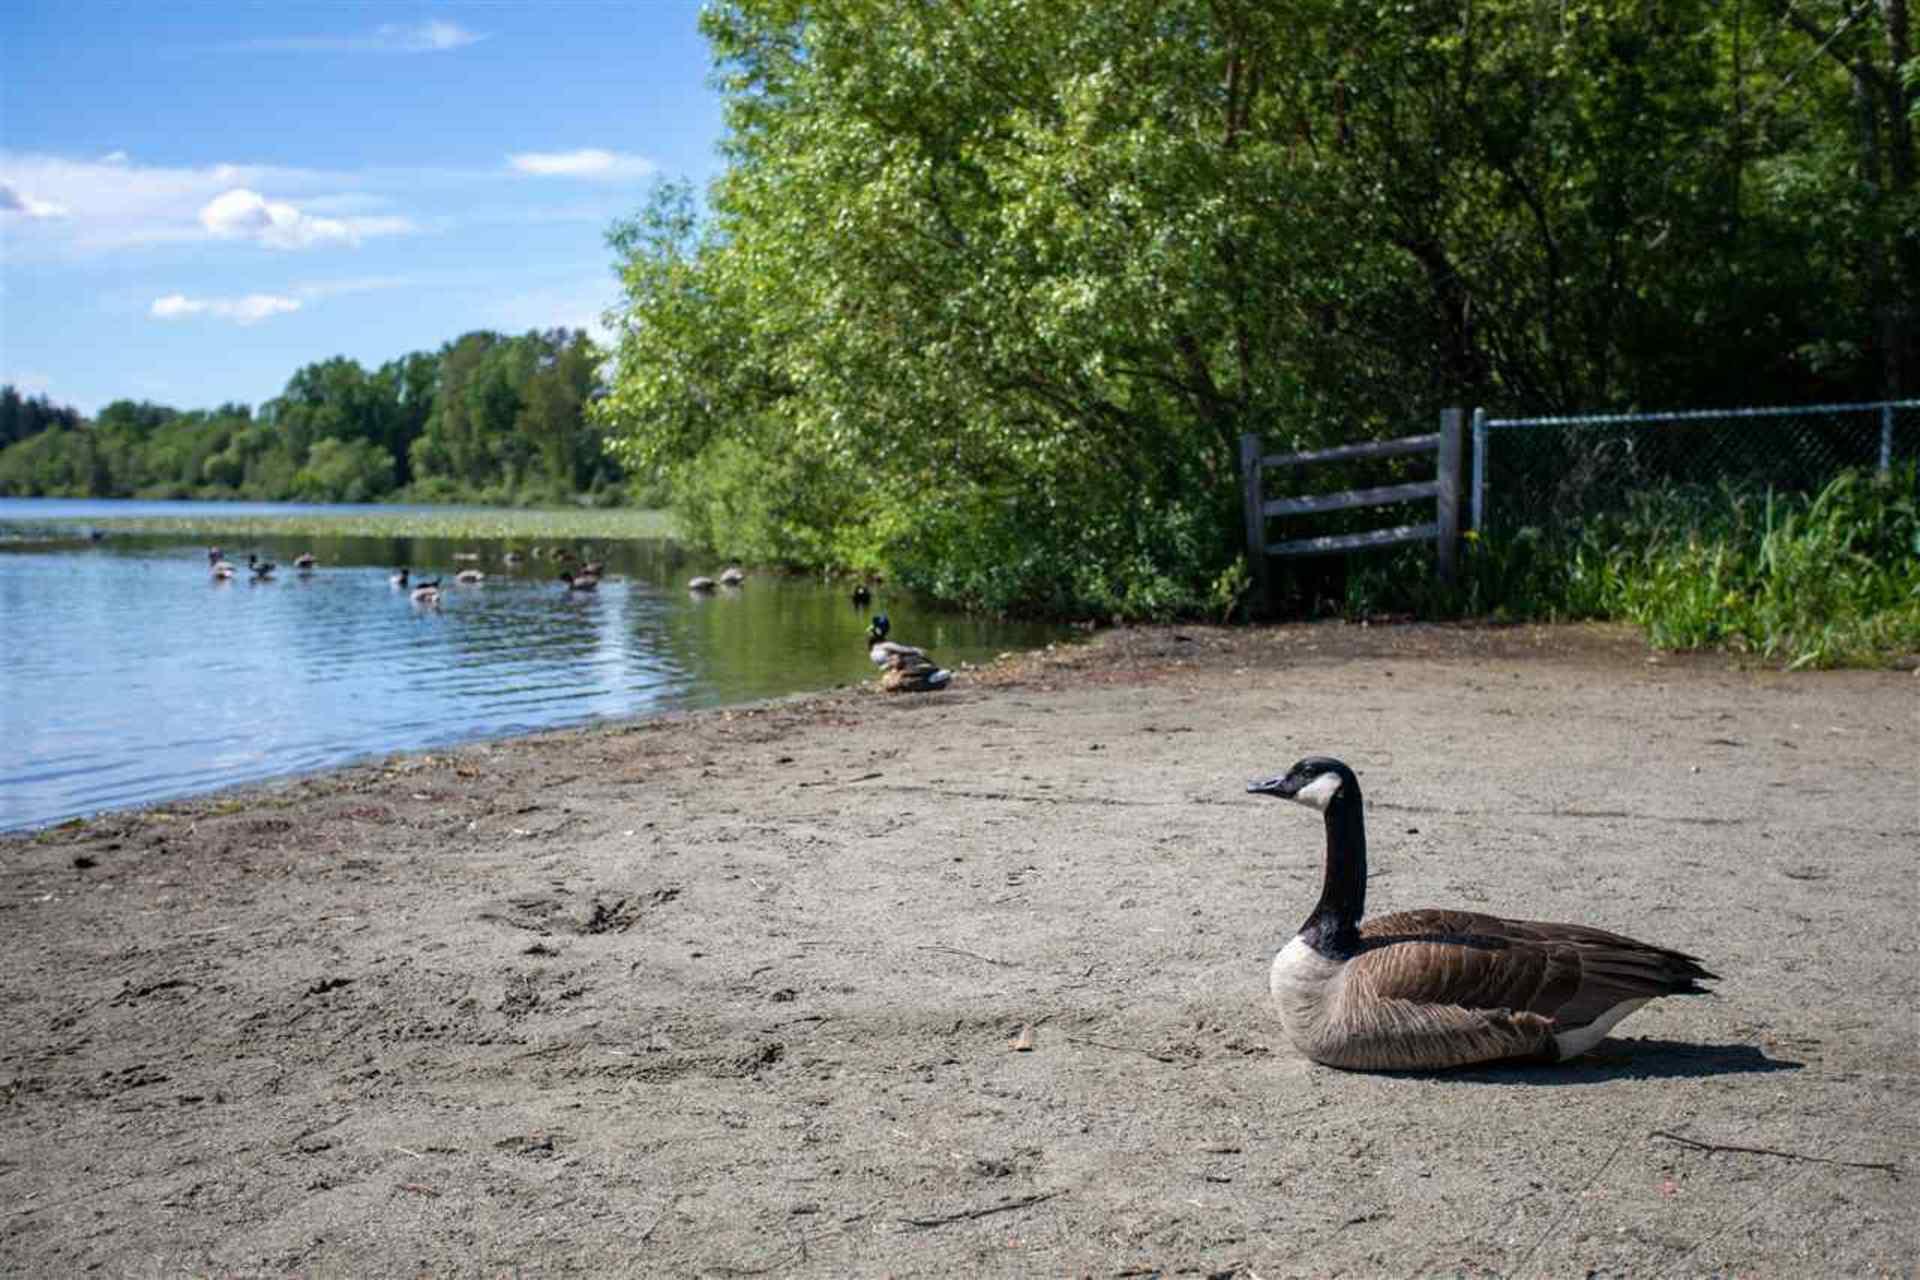 6036-brantford-avenue-upper-deer-lake-burnaby-south-14 at 6036 Brantford Avenue, Upper Deer Lake, Burnaby South